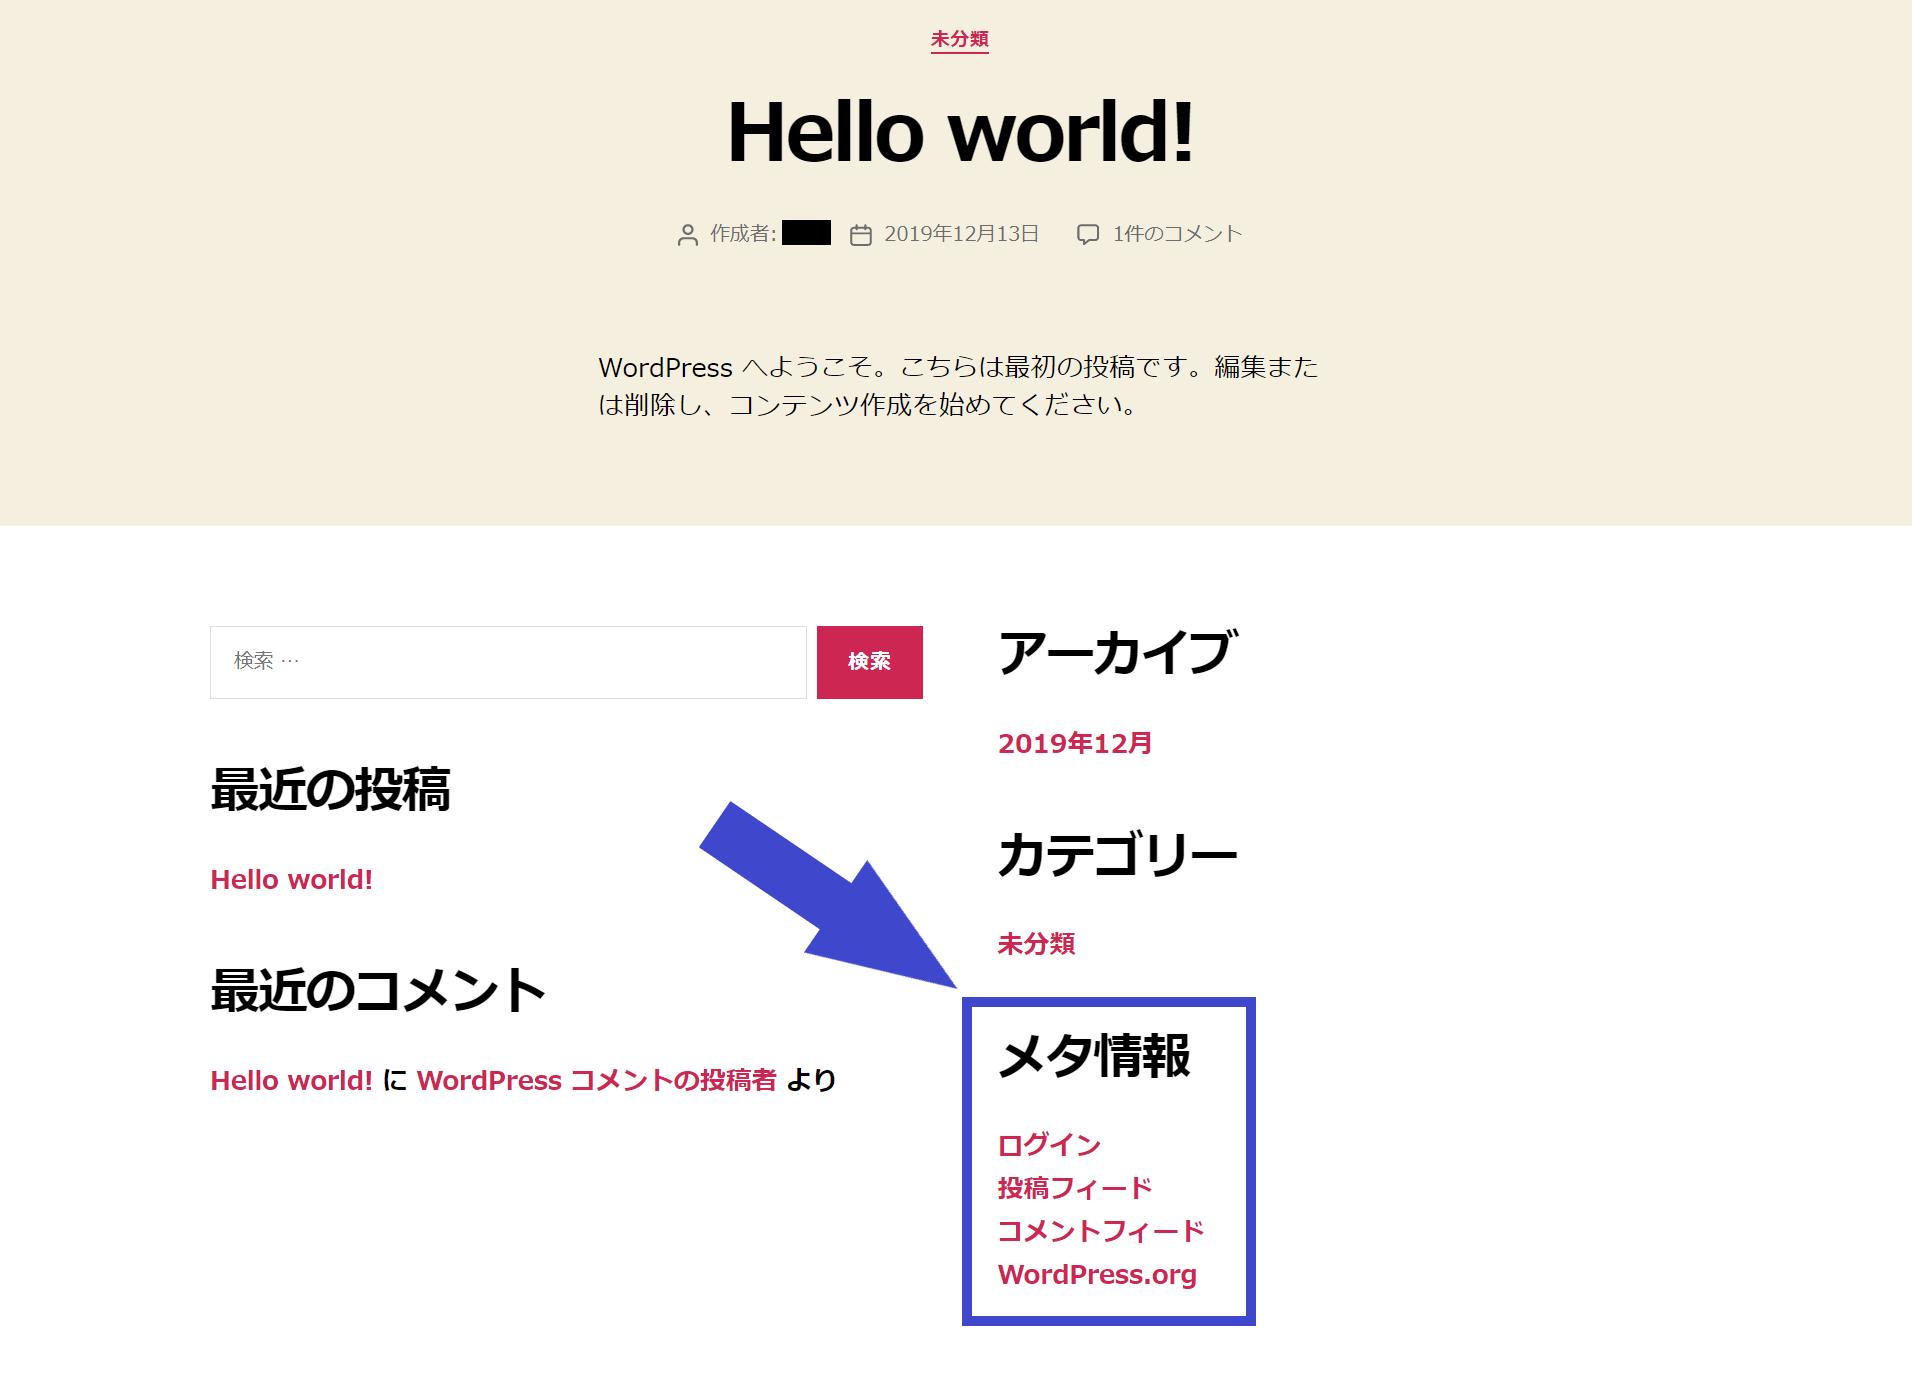 ブログトップ画面にメタ情報が表示されている